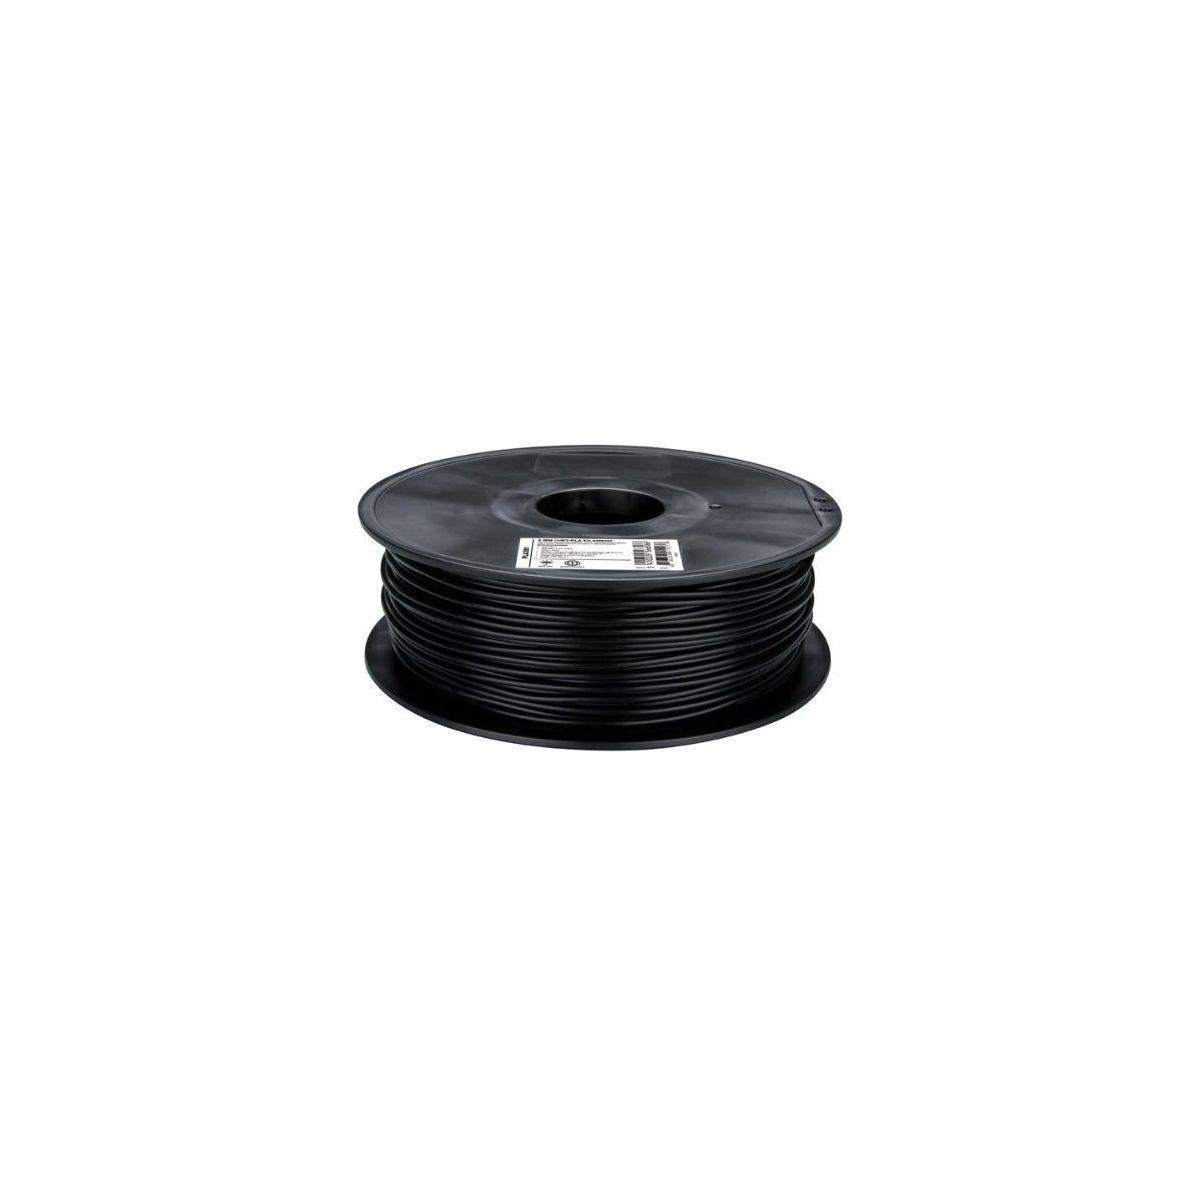 Filament 3d colorfabb copolyester xt noir 1.75mm - 2% de remis...